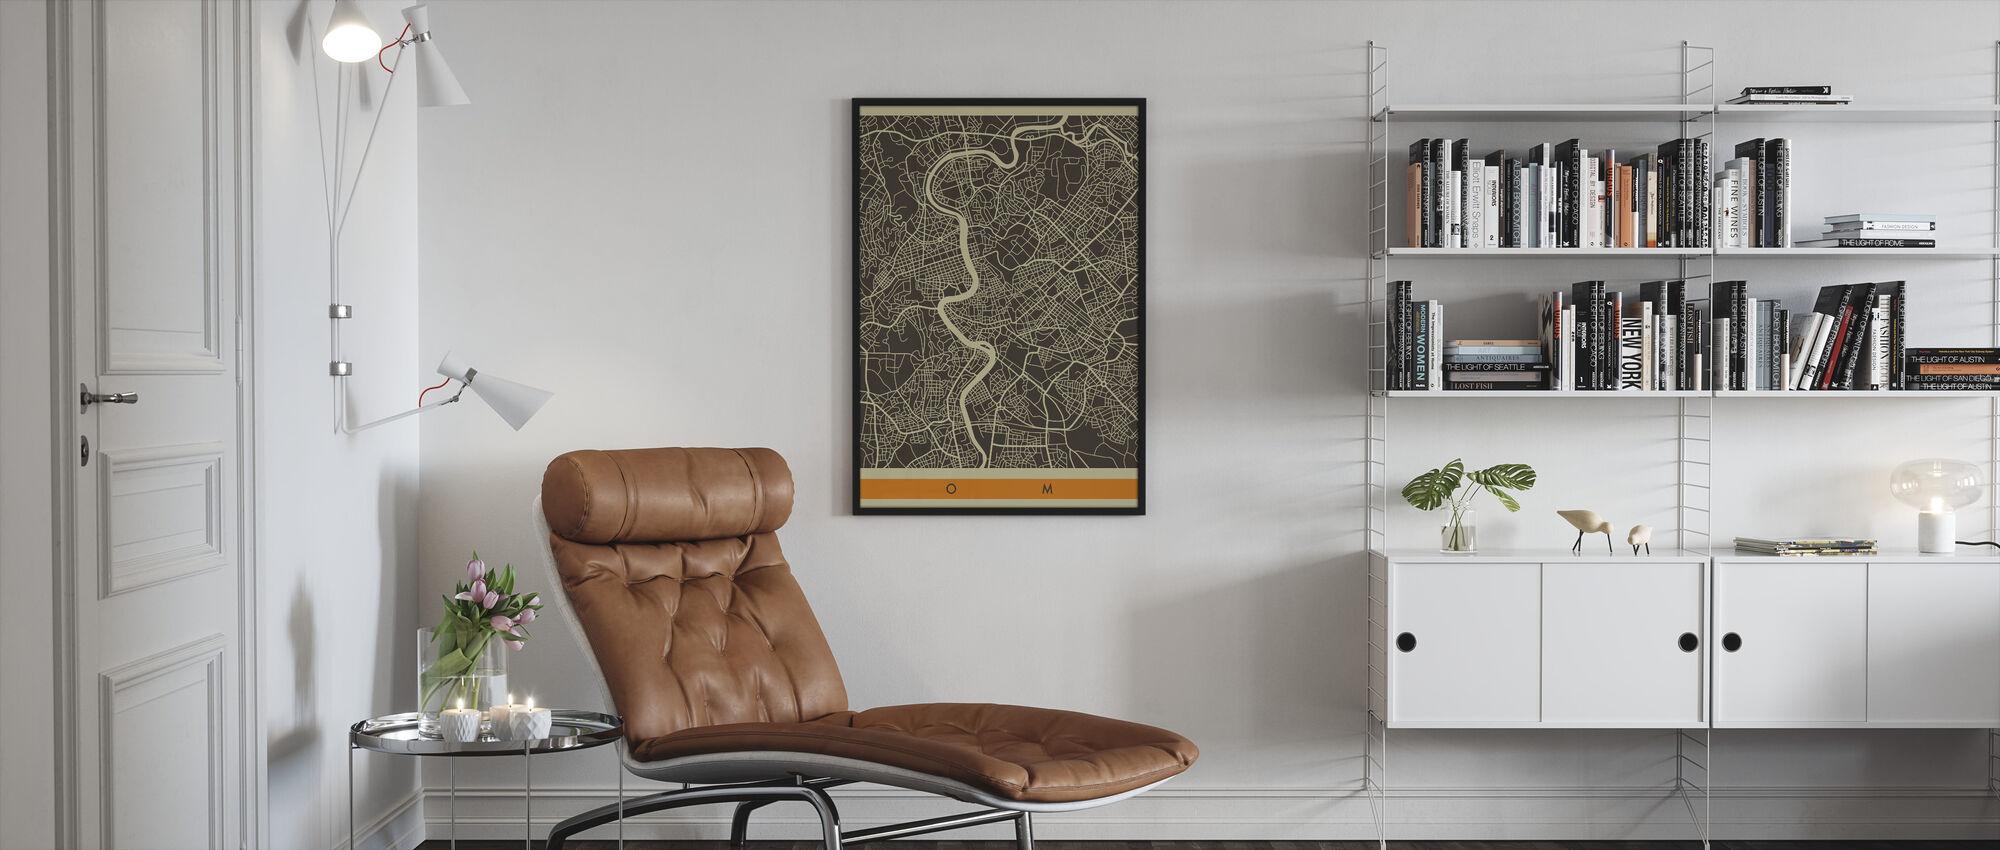 Kaupungin kartta - Rooma - Kehystetty kuva - Olohuone